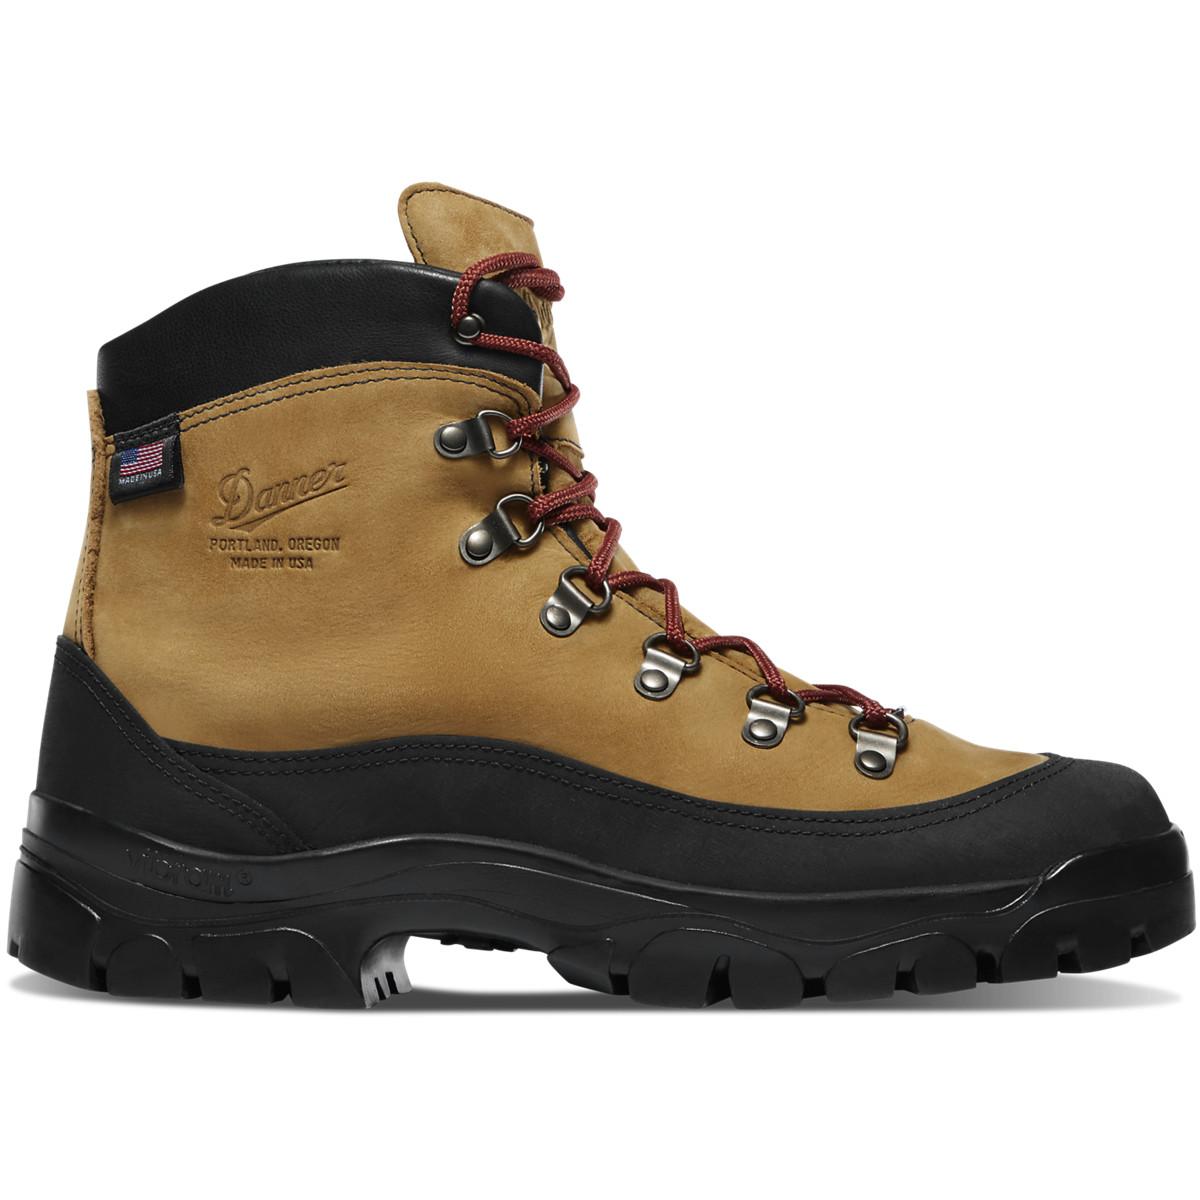 Danner Boots Cheap